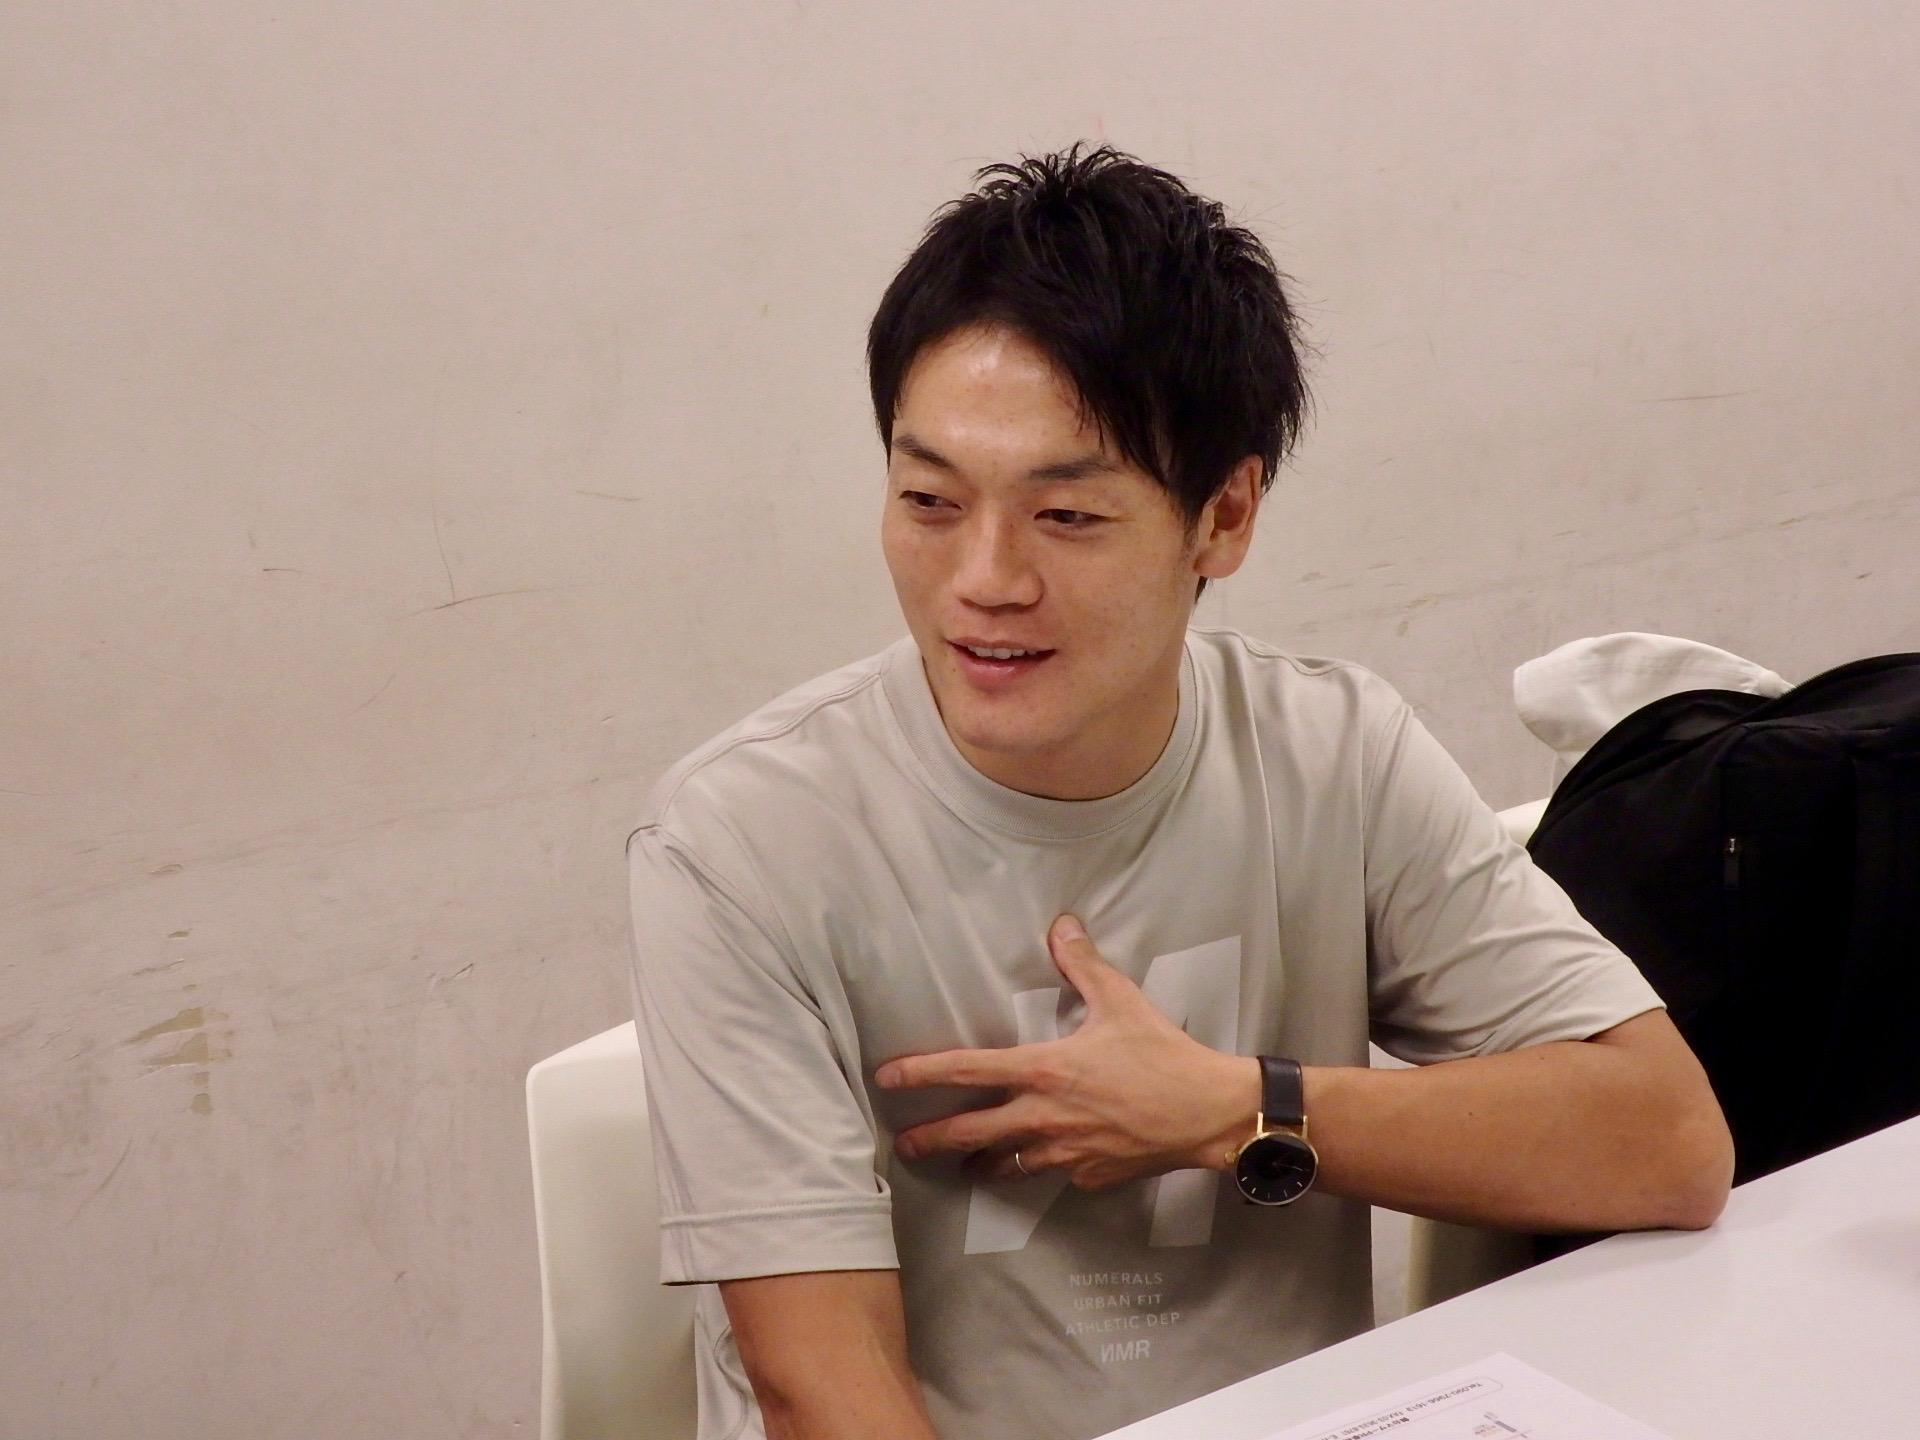 http://news.yoshimoto.co.jp/20180910045005-3cab13712745196d960abd6acbde997e9ac572ce.jpg